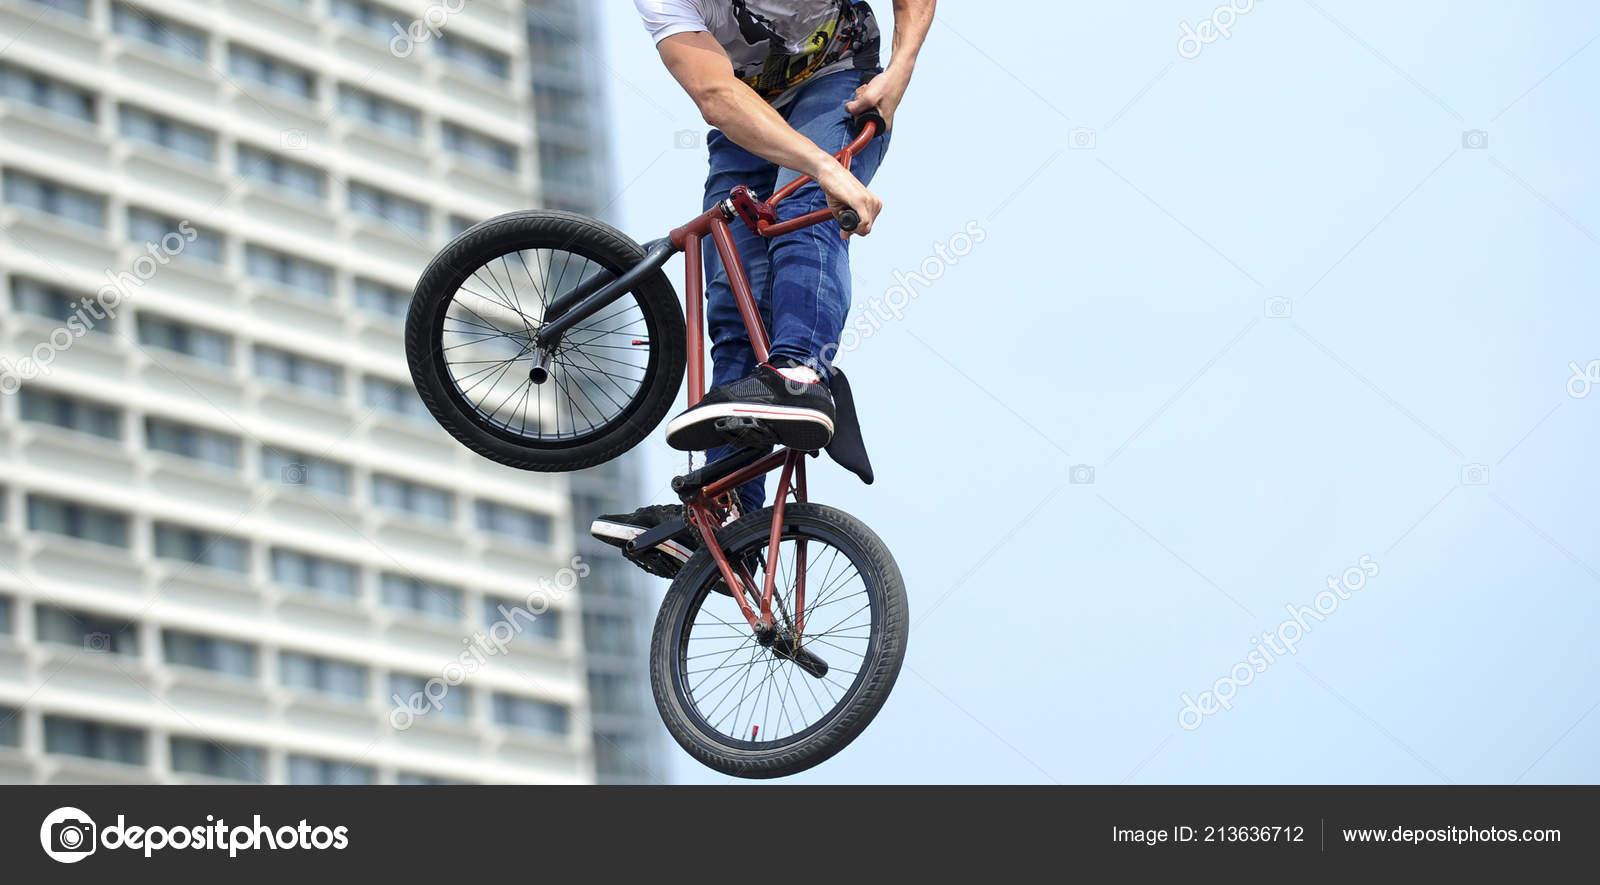 Uomo Facendo Trucchi Su Una Bicicletta Bmx Freestyle Bmx Sullo